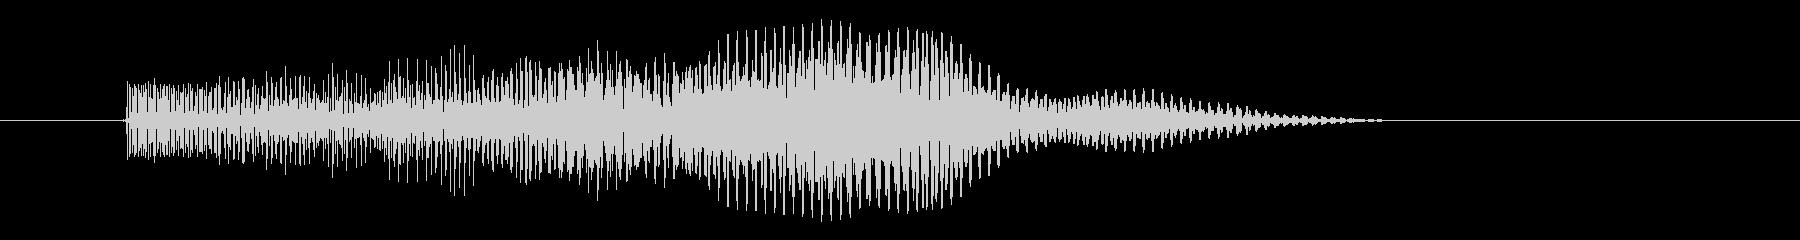 シンセによる無機質でとても短い効果音の未再生の波形